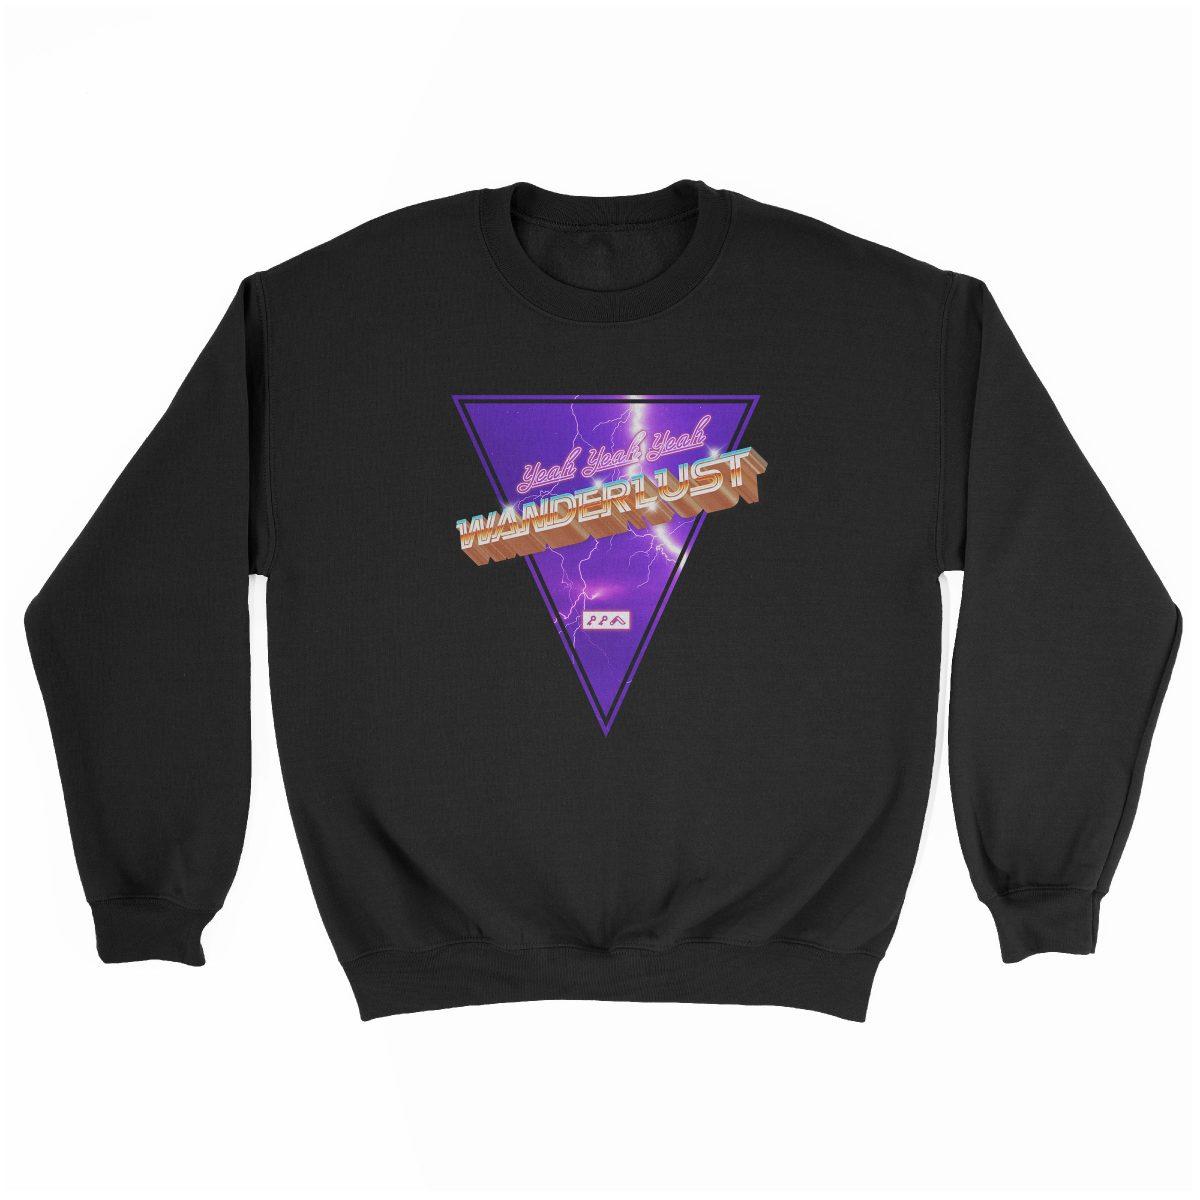 """(yeah yeah yeah) """"WANDERLUST"""" music festival artist sweatshirt in black"""